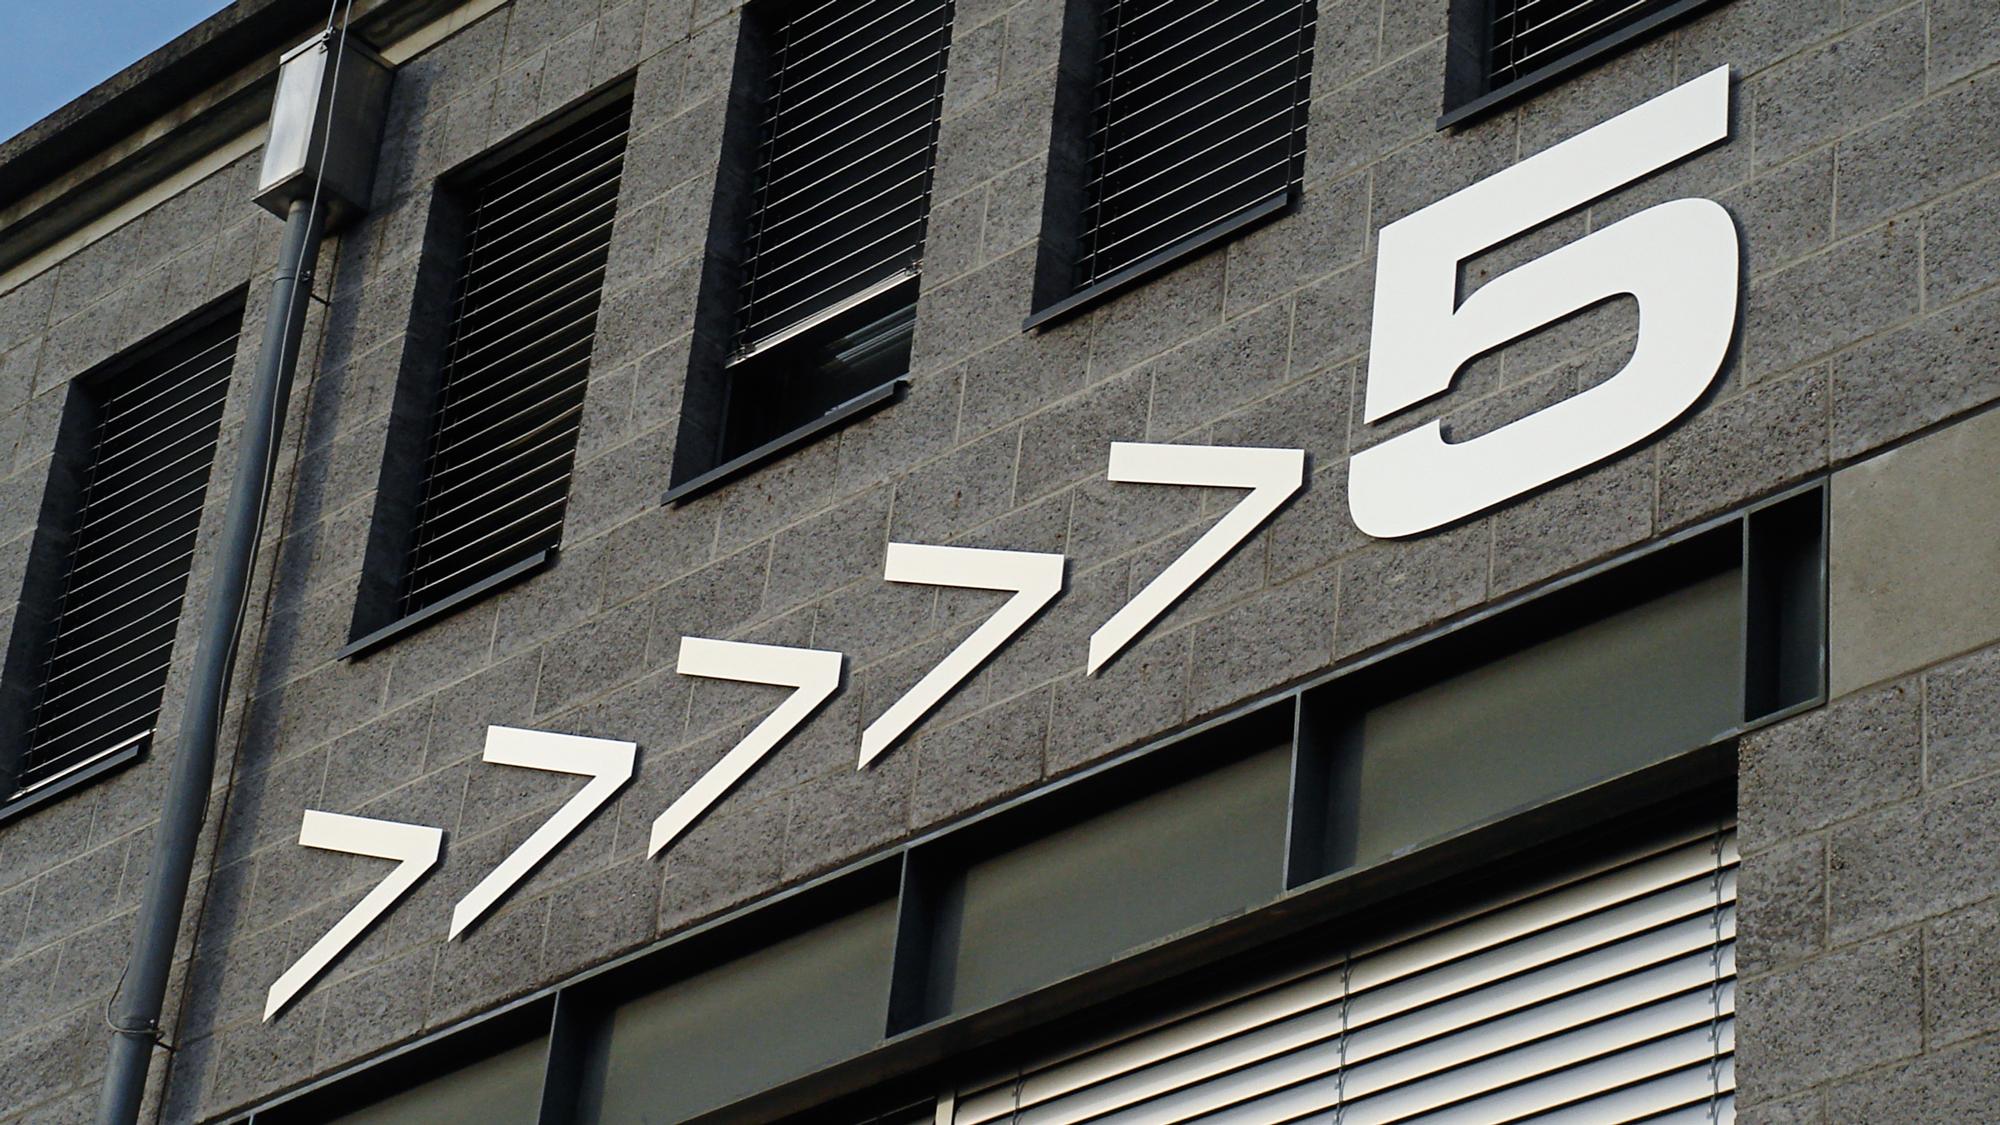 IBL5-Fassade.jpg